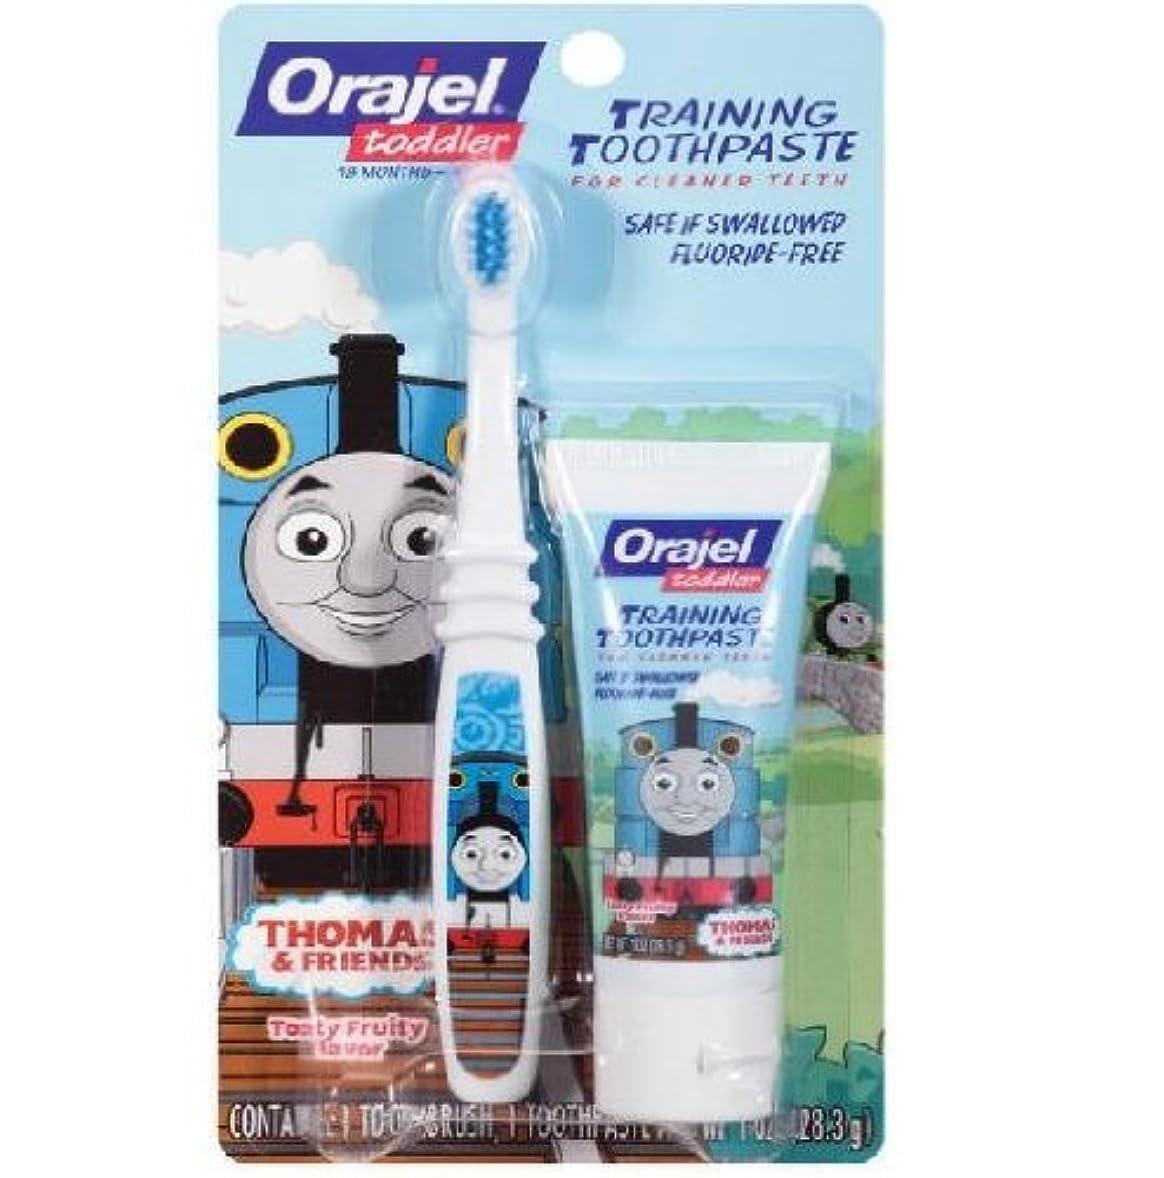 飼い慣らす同盟トロリーバス【機関車トーマス】Toddler Thomas Toddler Training Toothpaste with Toothbrush Tooty Fruity 1 oz